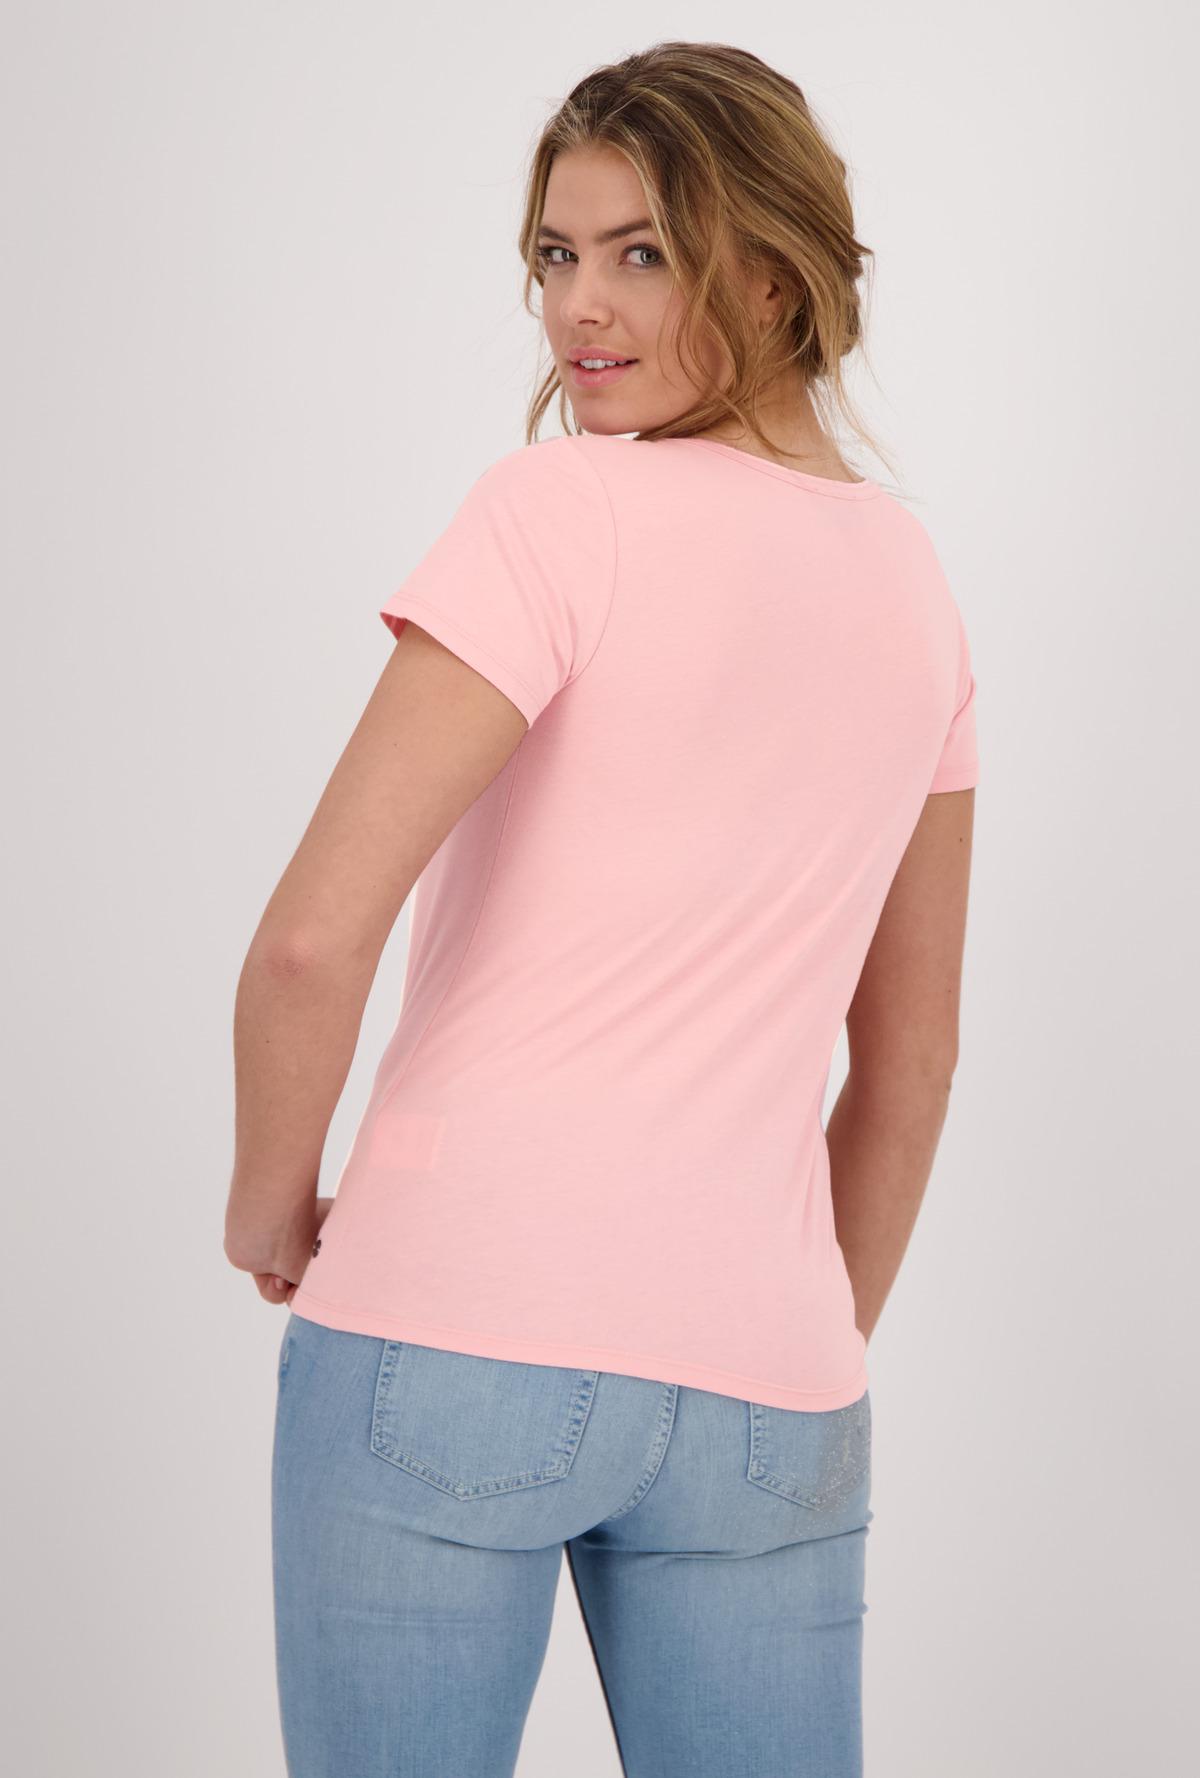 Monari kurzarm Shirt mit Aufschrift rosa